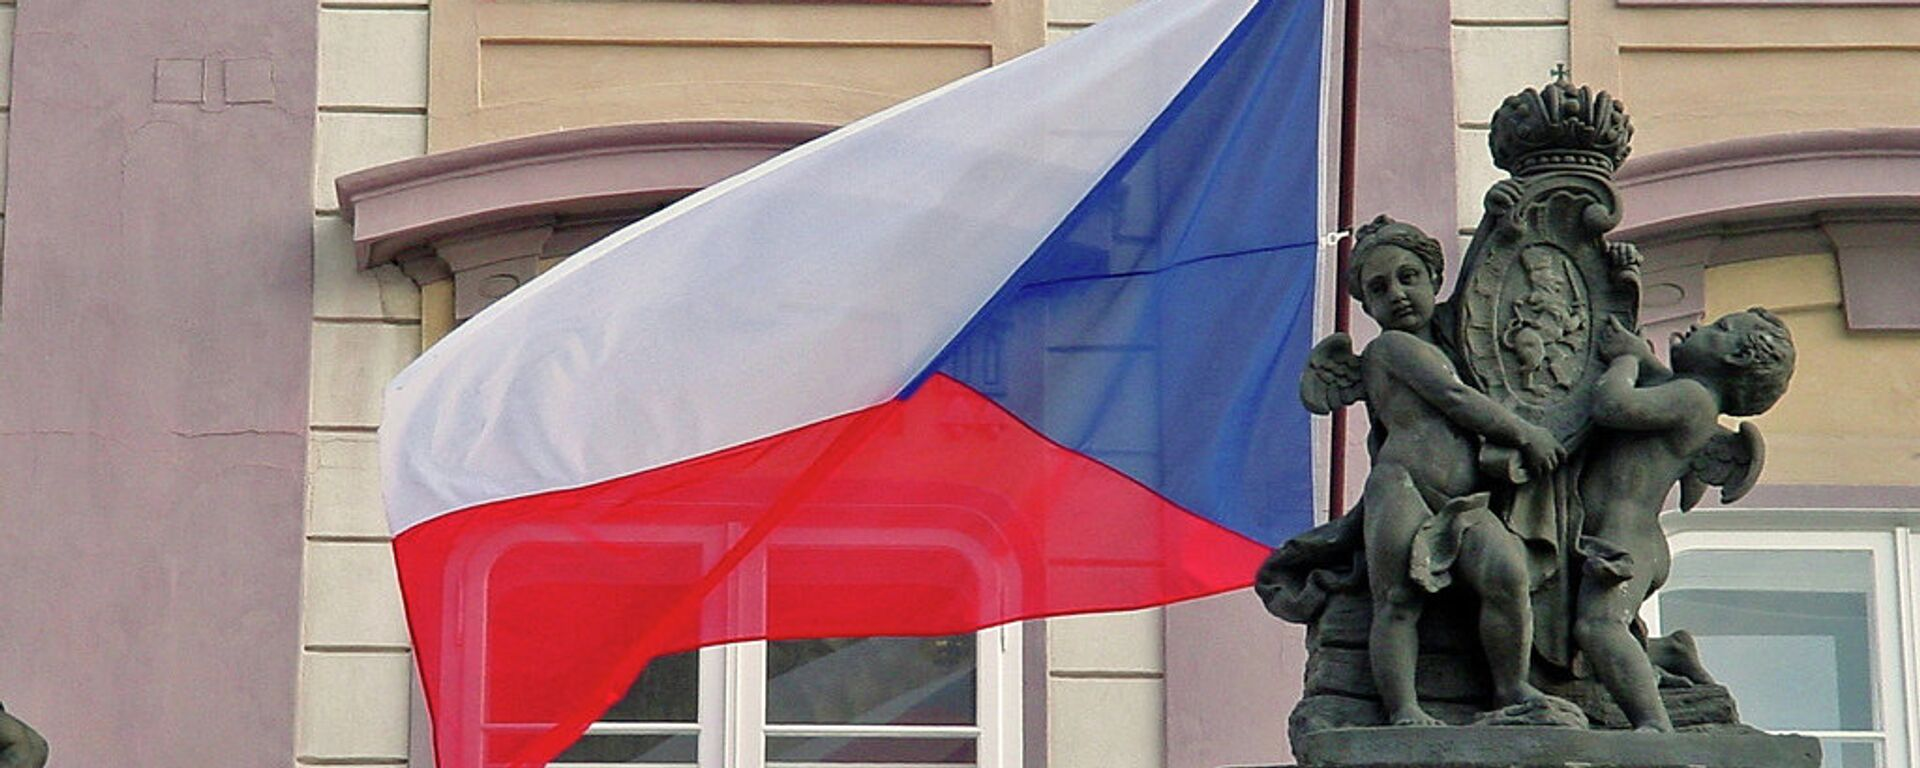 Česká vlajka - Sputnik Česká republika, 1920, 12.10.2020